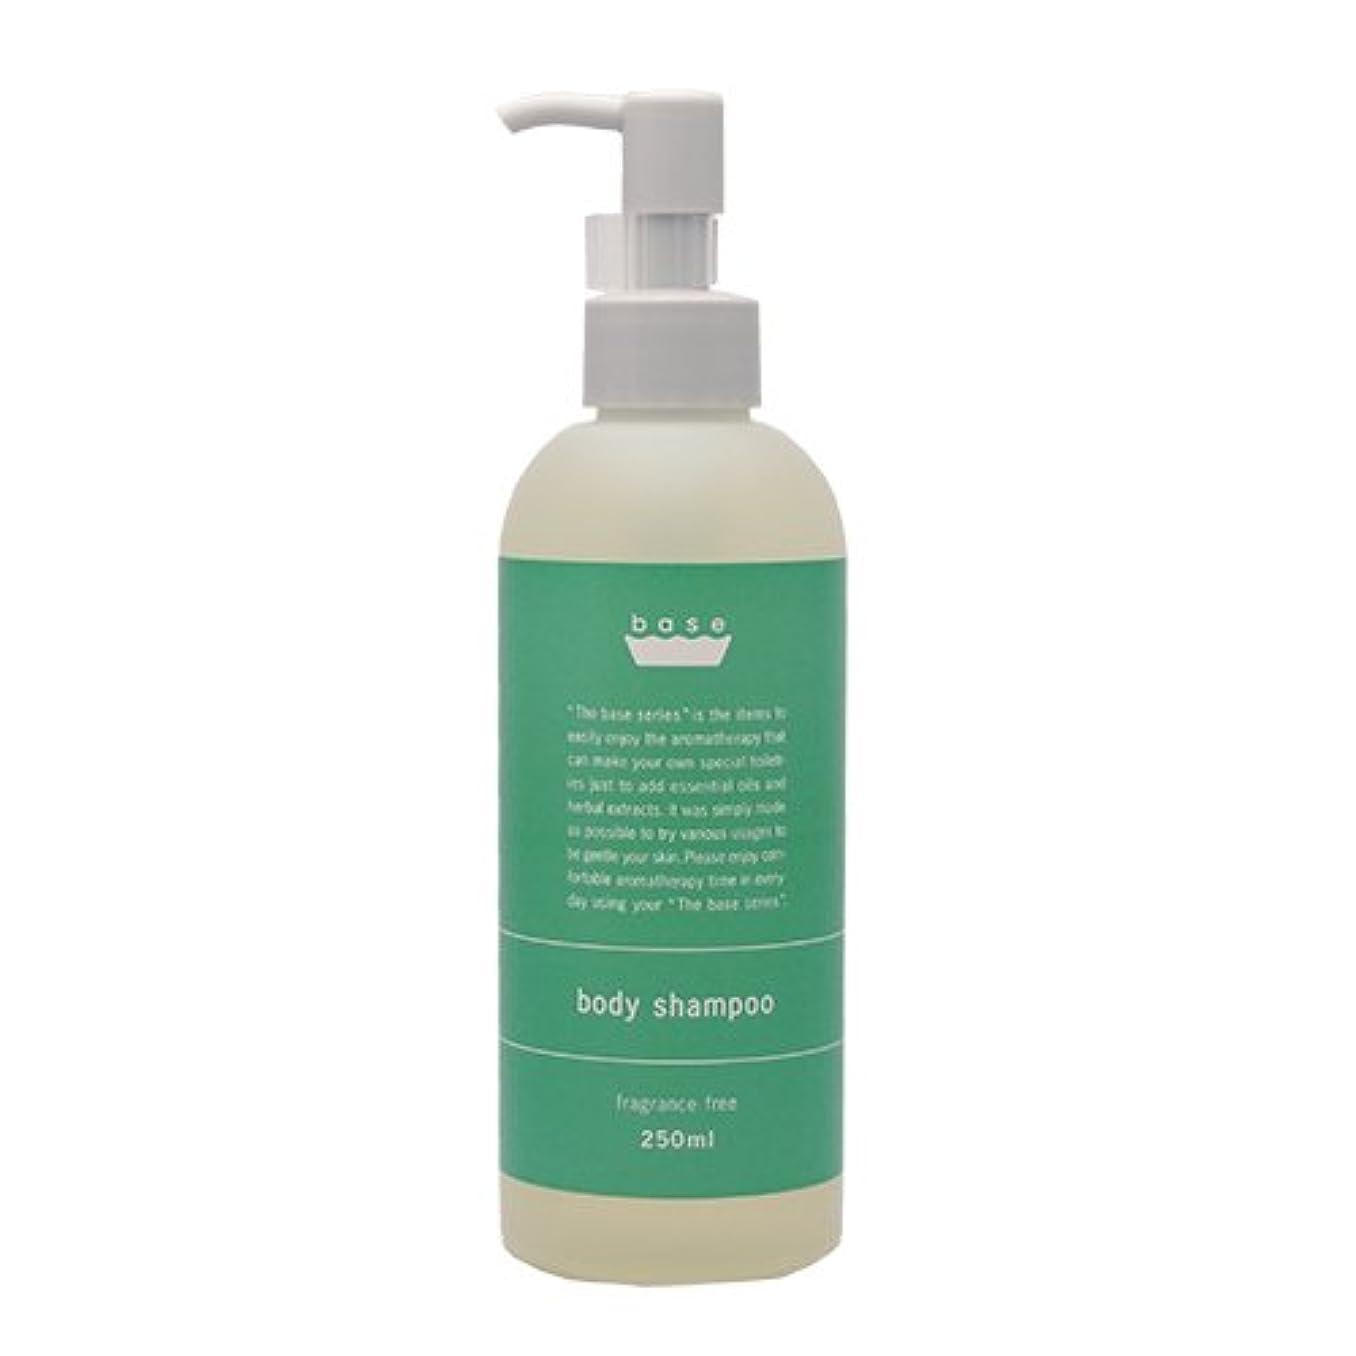 電池海外で歩き回るフレーバーライフ(Flavor Life) フレーバーライフ base body shampoo(ボディーシャンプー)250ml ボディソープ